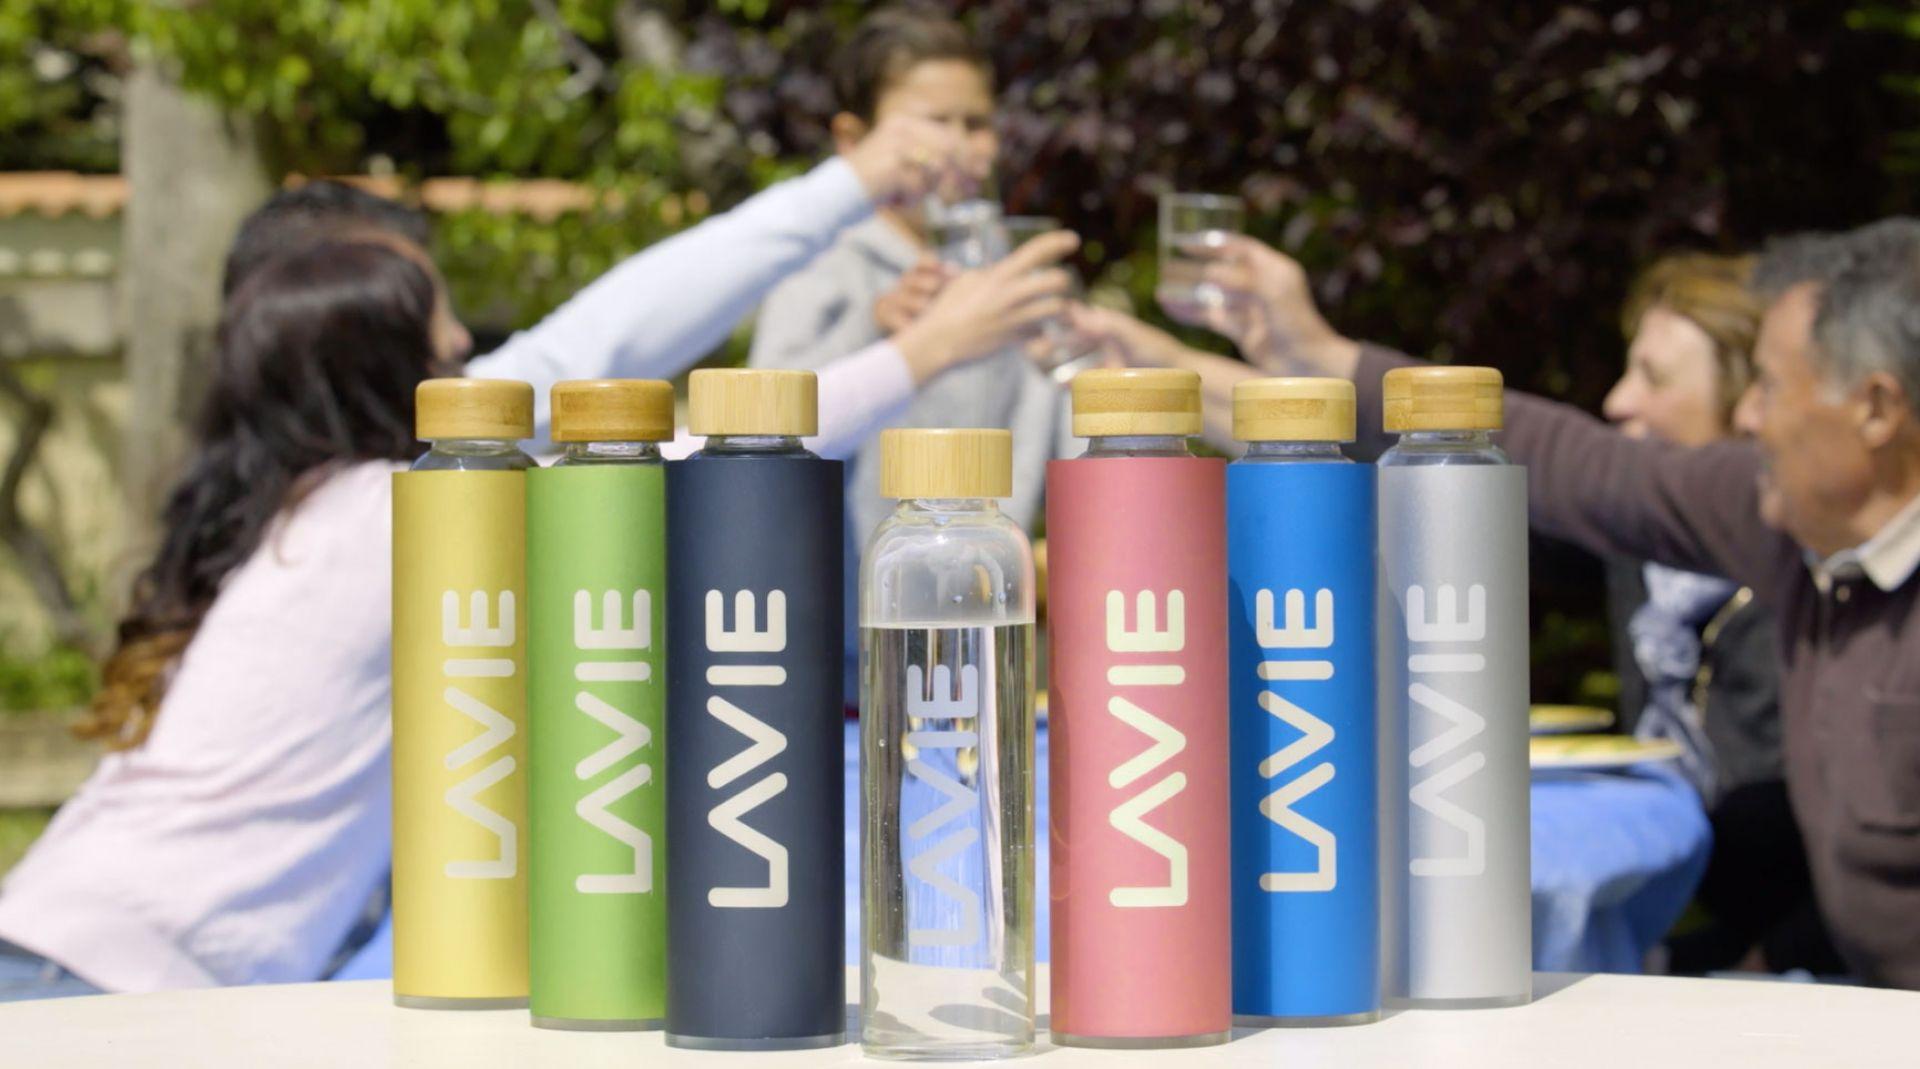 réalisation Une eau plus pure pour tous, partout ! - LaVie 2GO by Solable